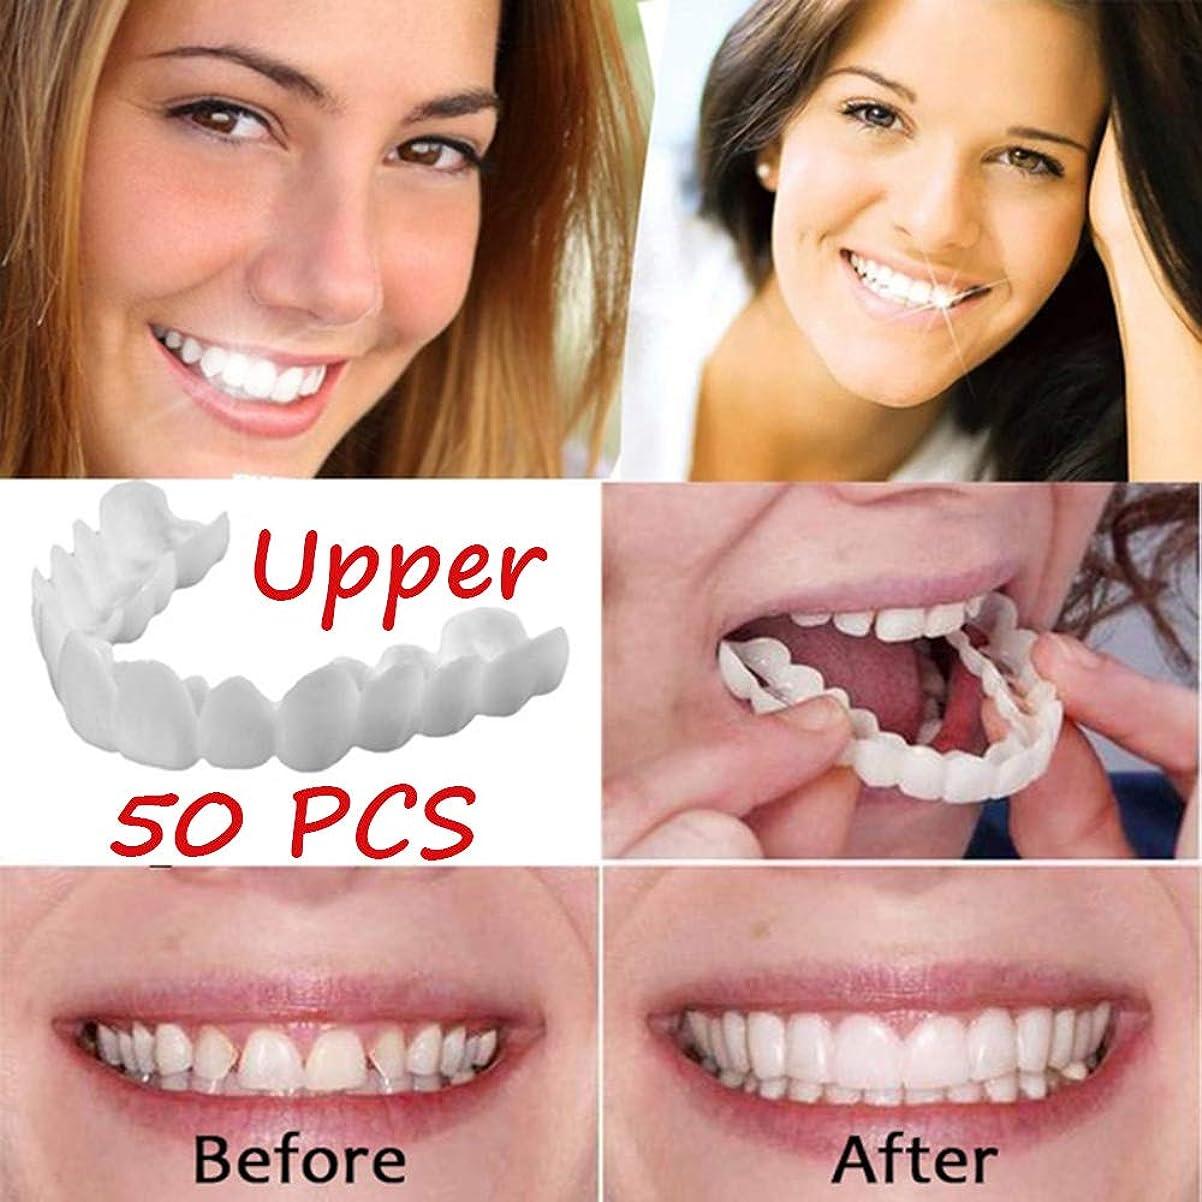 振る舞う海嶺もっとトップ義歯カバー50ピースコンフォートベニア歯ホワイトニング義歯模擬歯即時笑顔美容義歯オーラルケア美容ツール